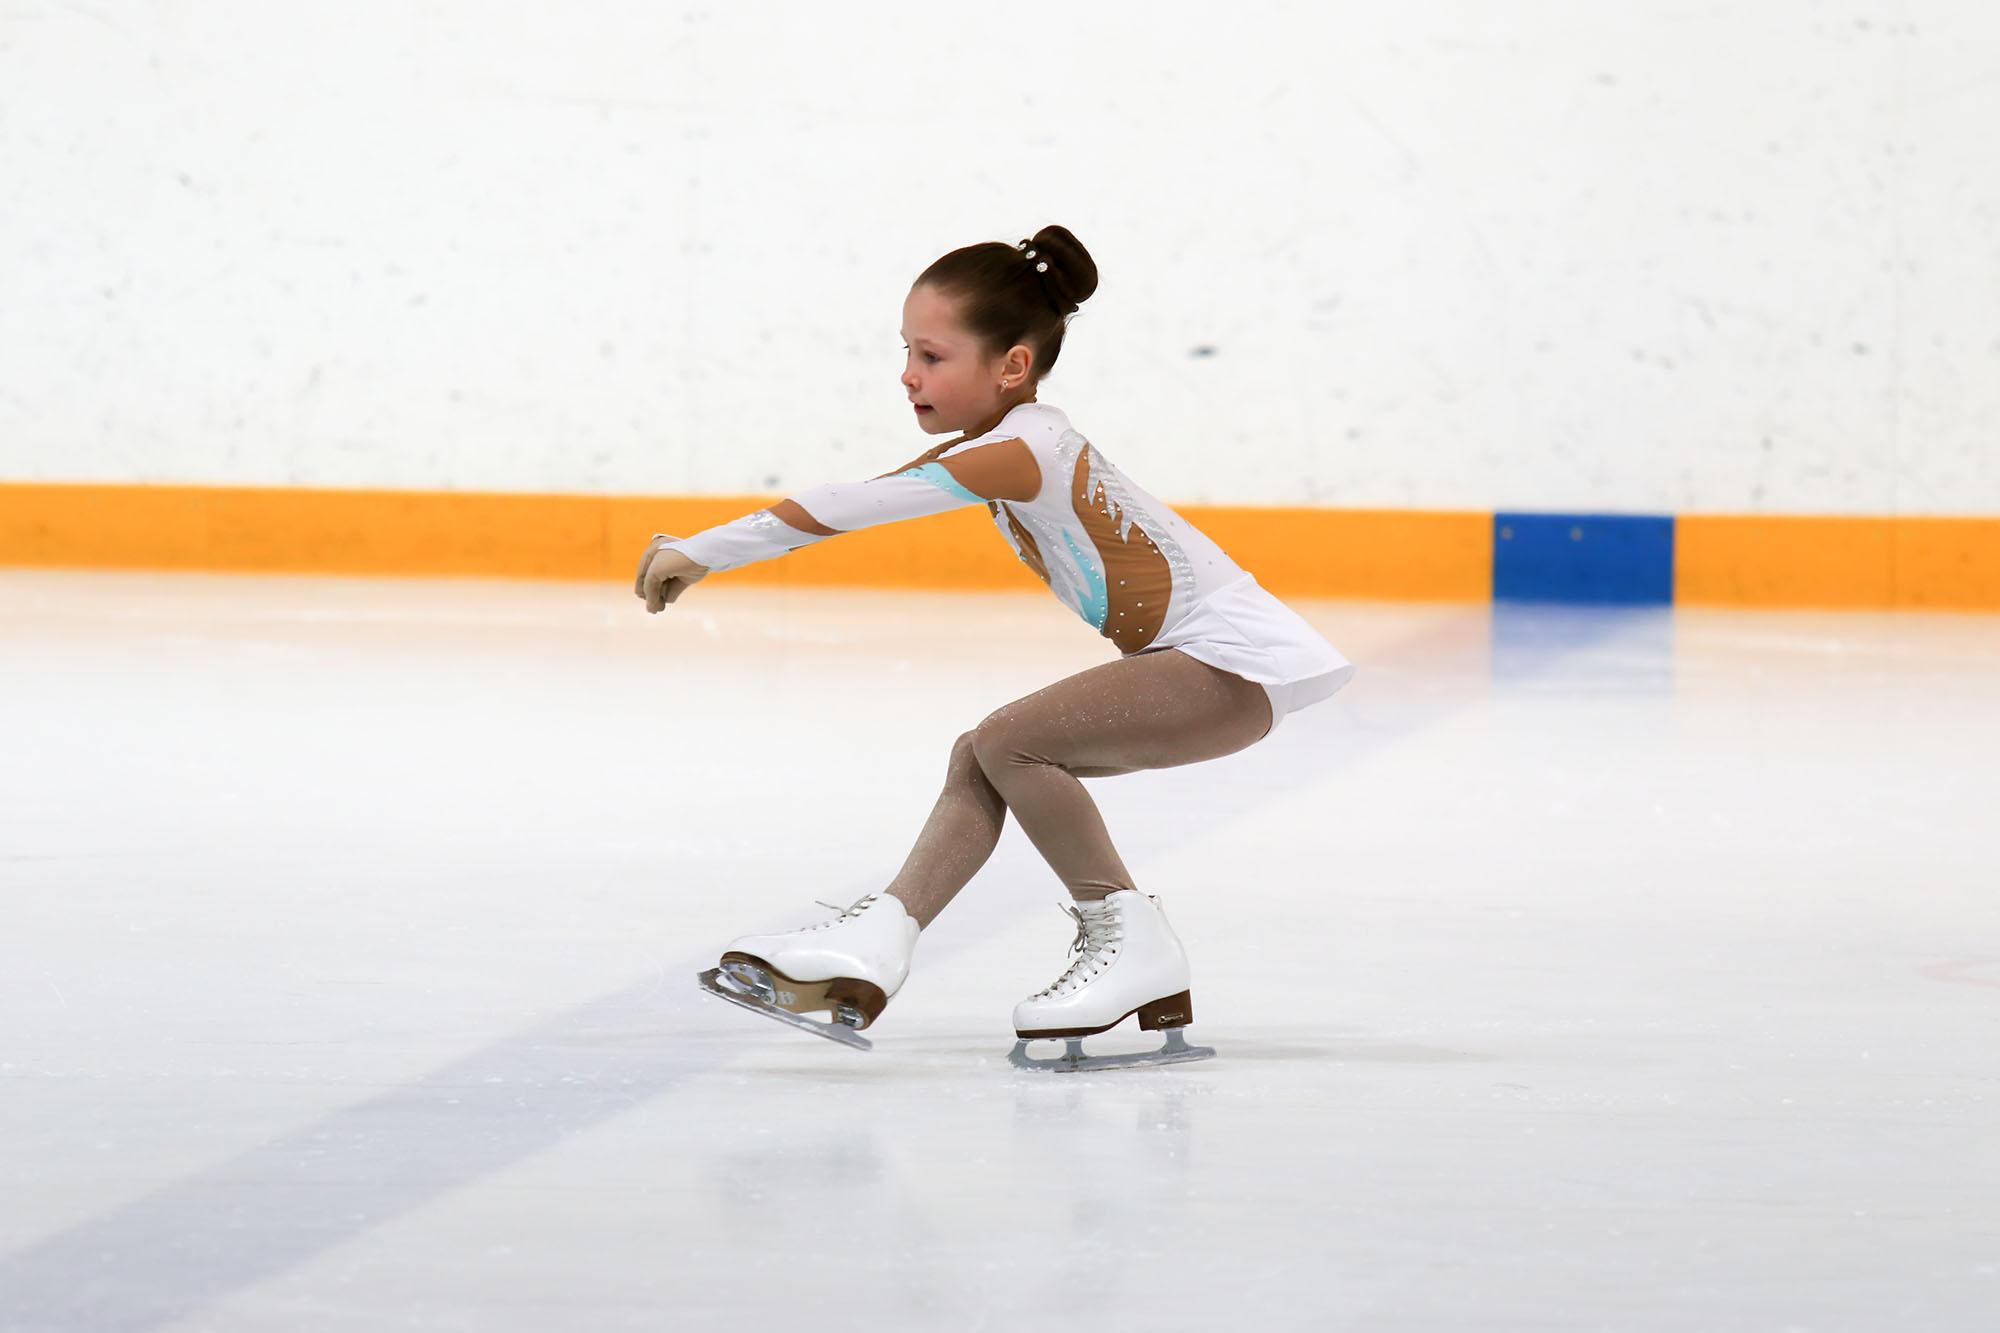 Ледовый комплекс «Морозово»: развлечение и профессиональный спорт для детей